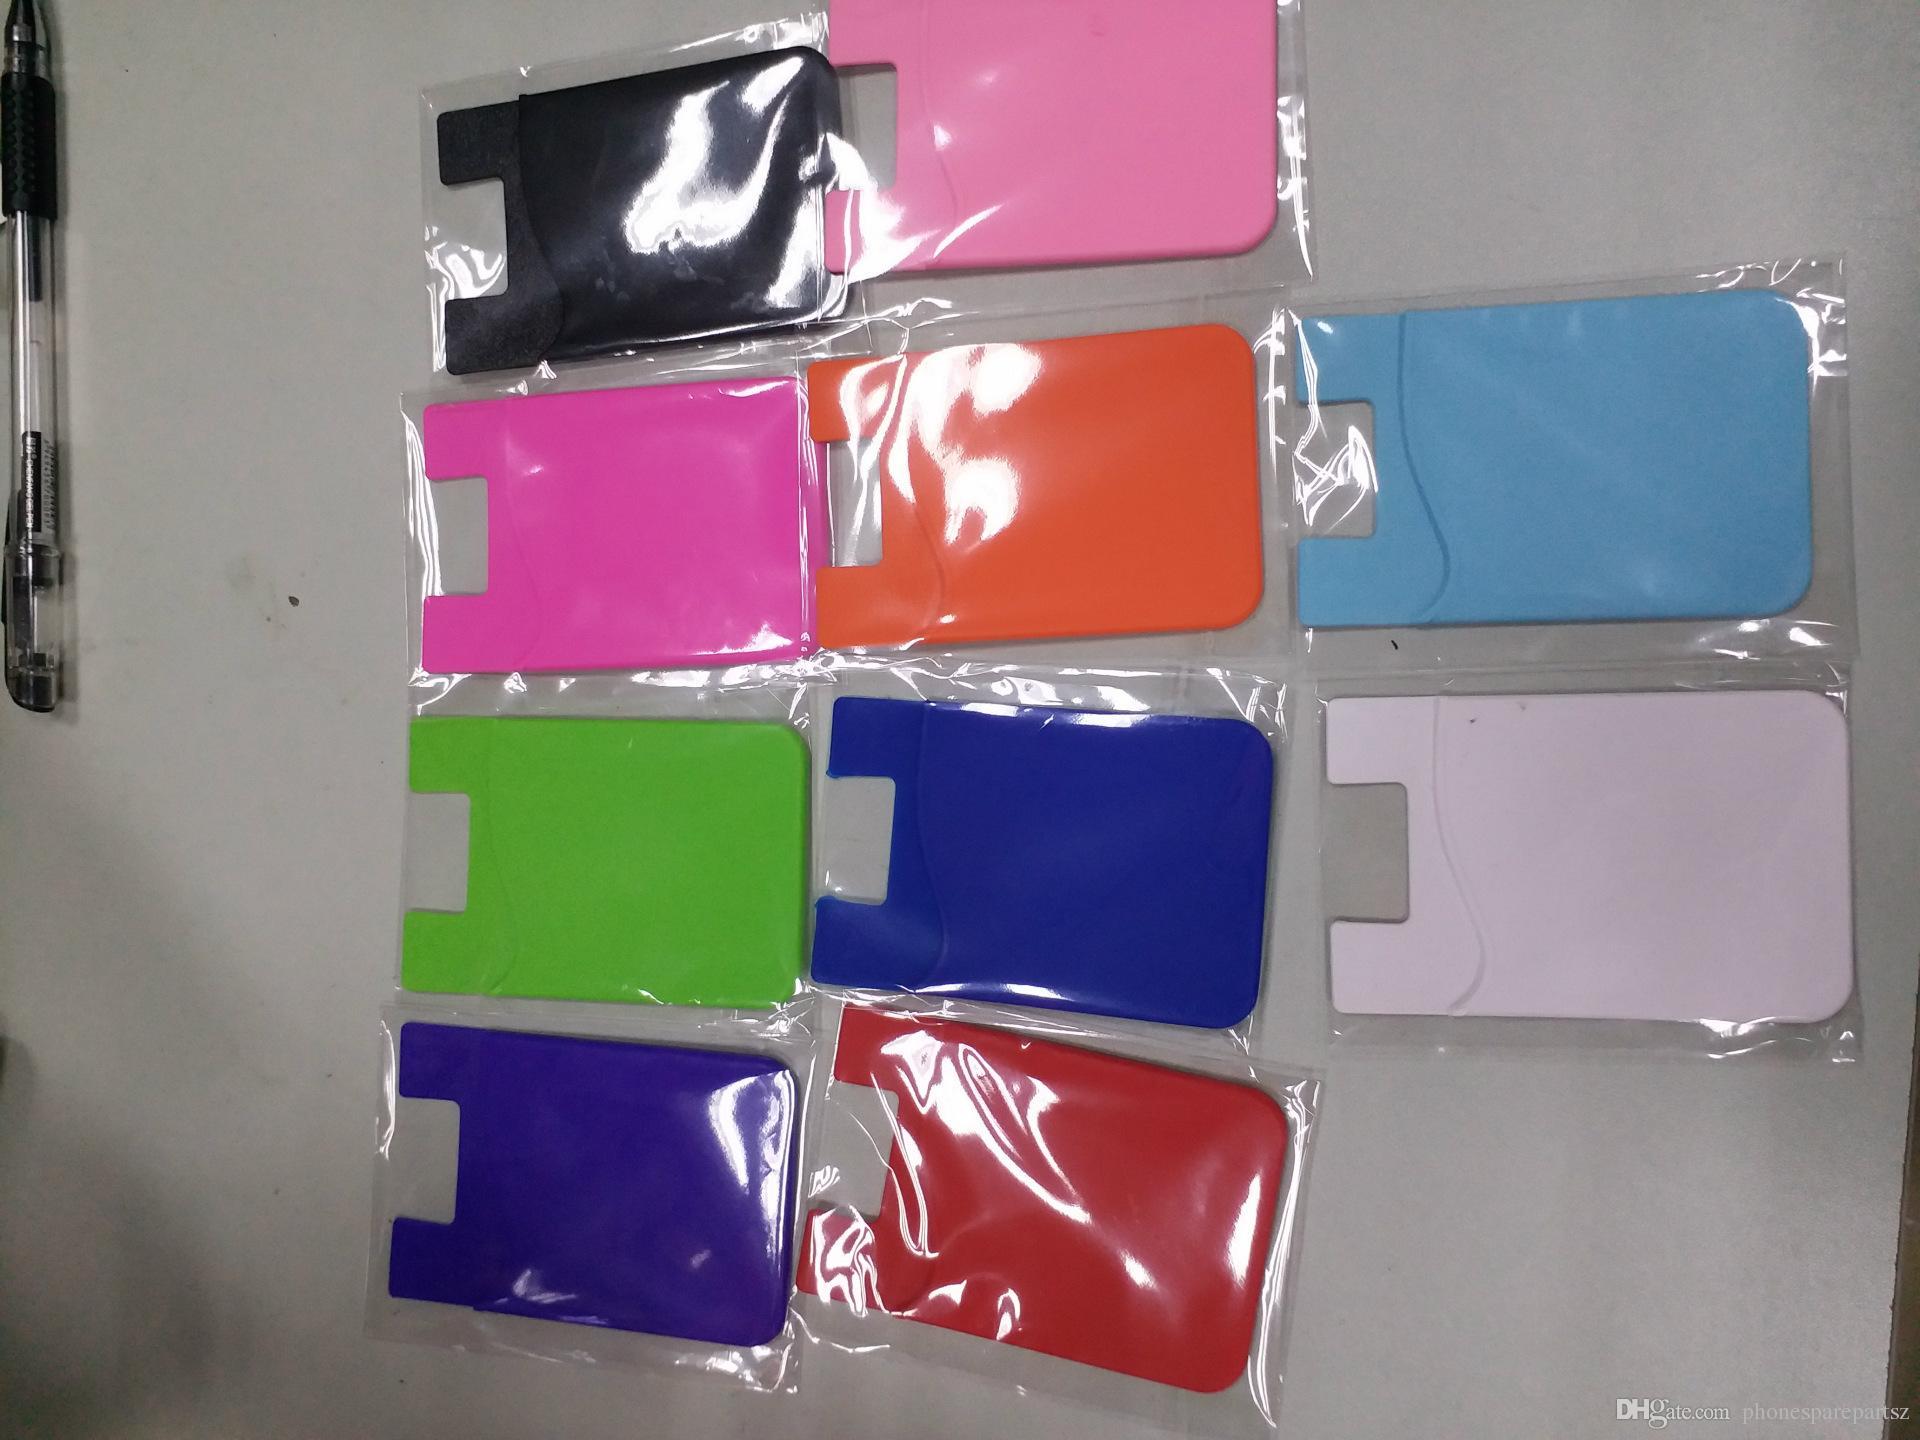 Support Universel Smartphone Cadeau Promotionnel 3m Porte Cartes De Visite Carte Crdit Pour Tlphone Portable